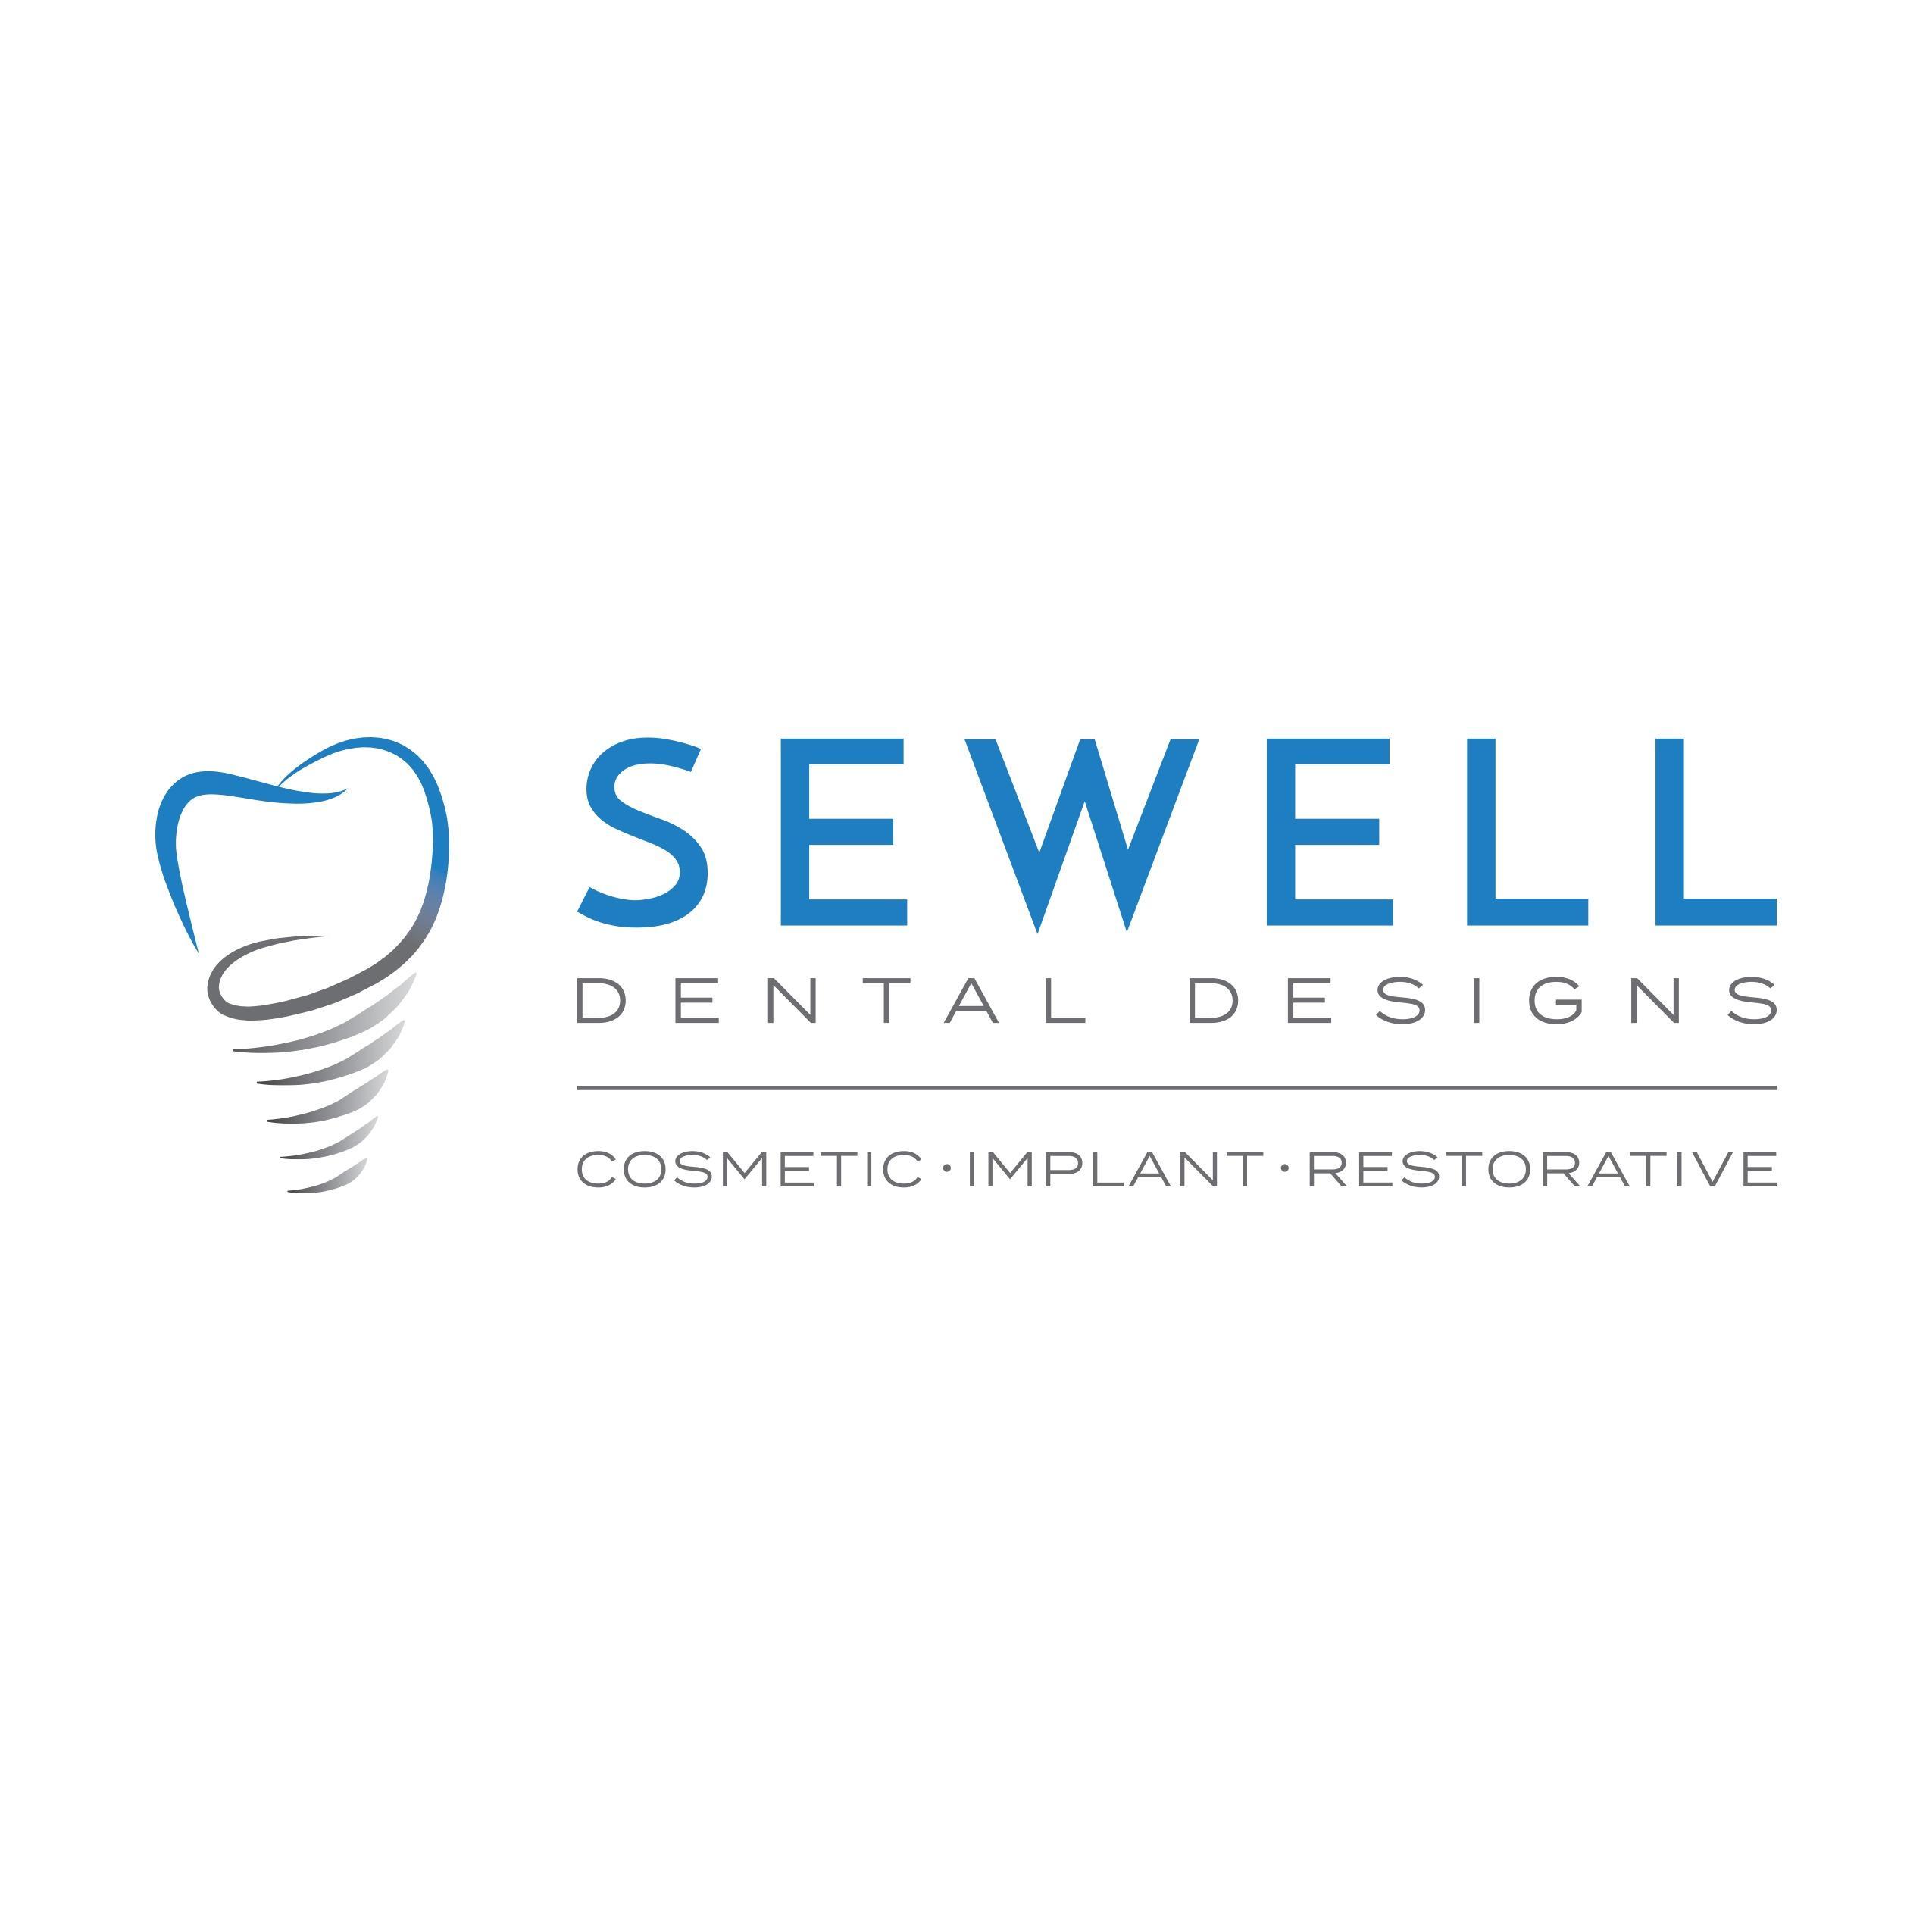 Sewell Dental Designs - Dr. Fred Haddad